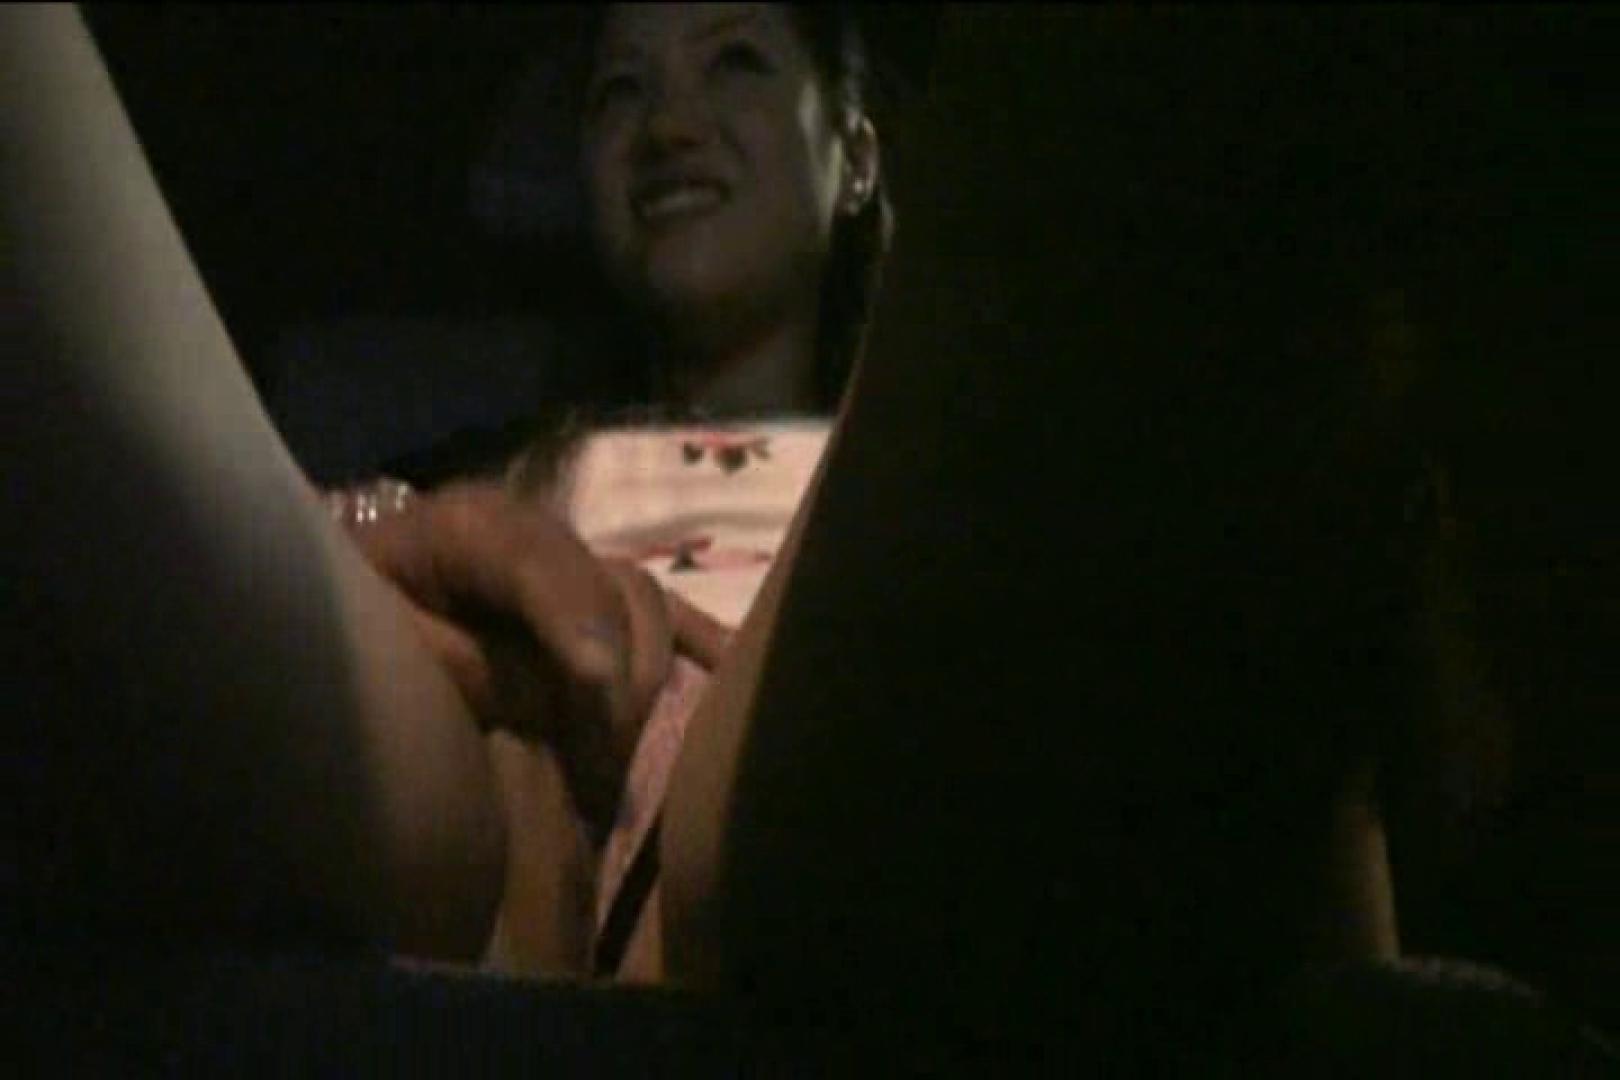 車内で初めまして! vol01 エッチ見放題 アダルト動画キャプチャ 102PIX 75